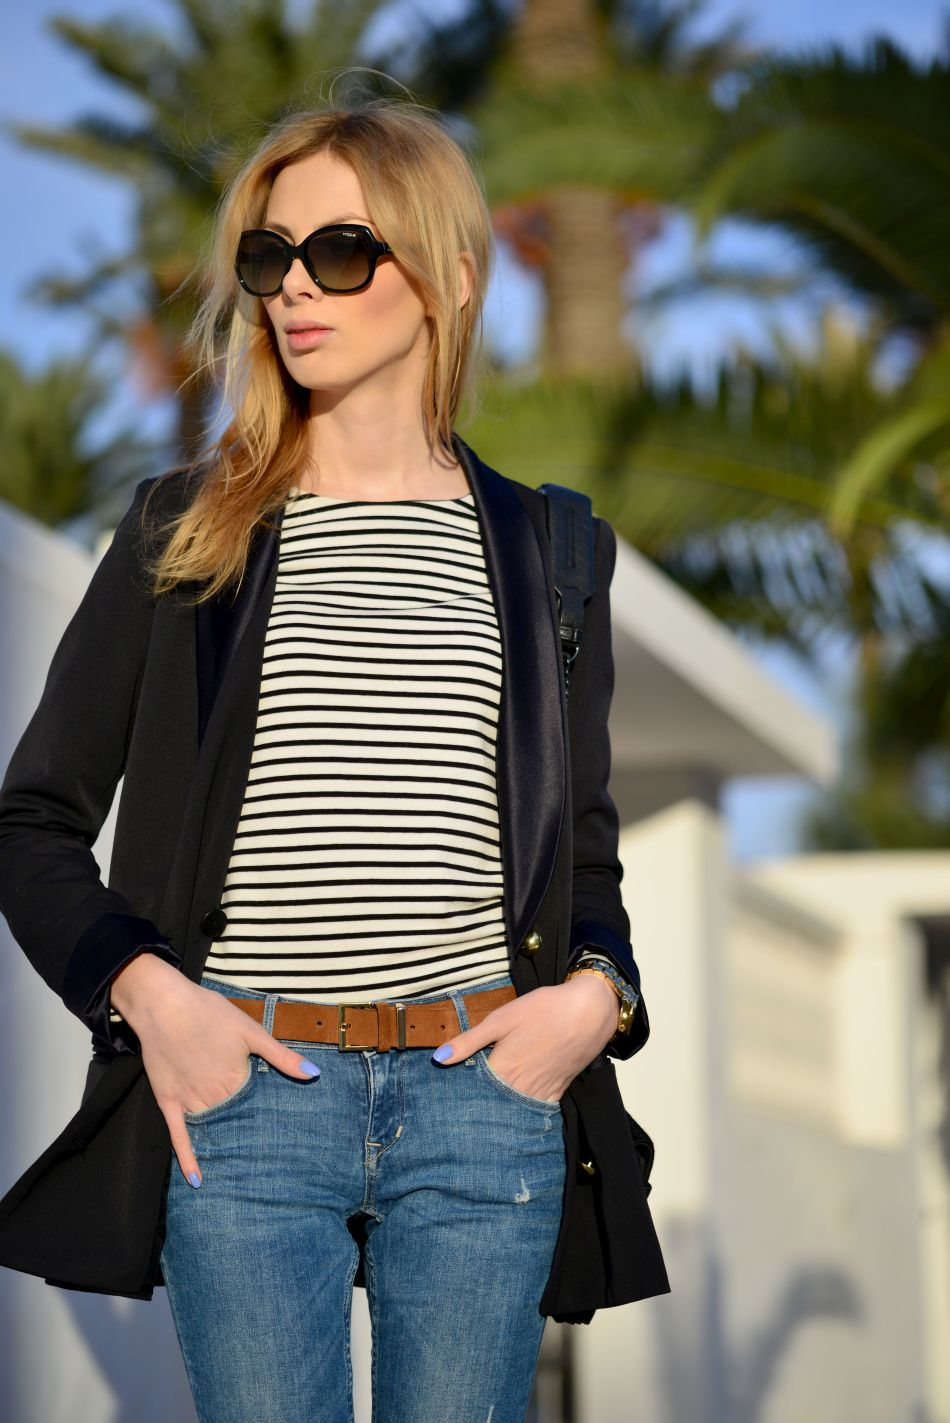 stylizacja z bluzką w paski, okulary vogue, massimo dutti, palmy, tunezja